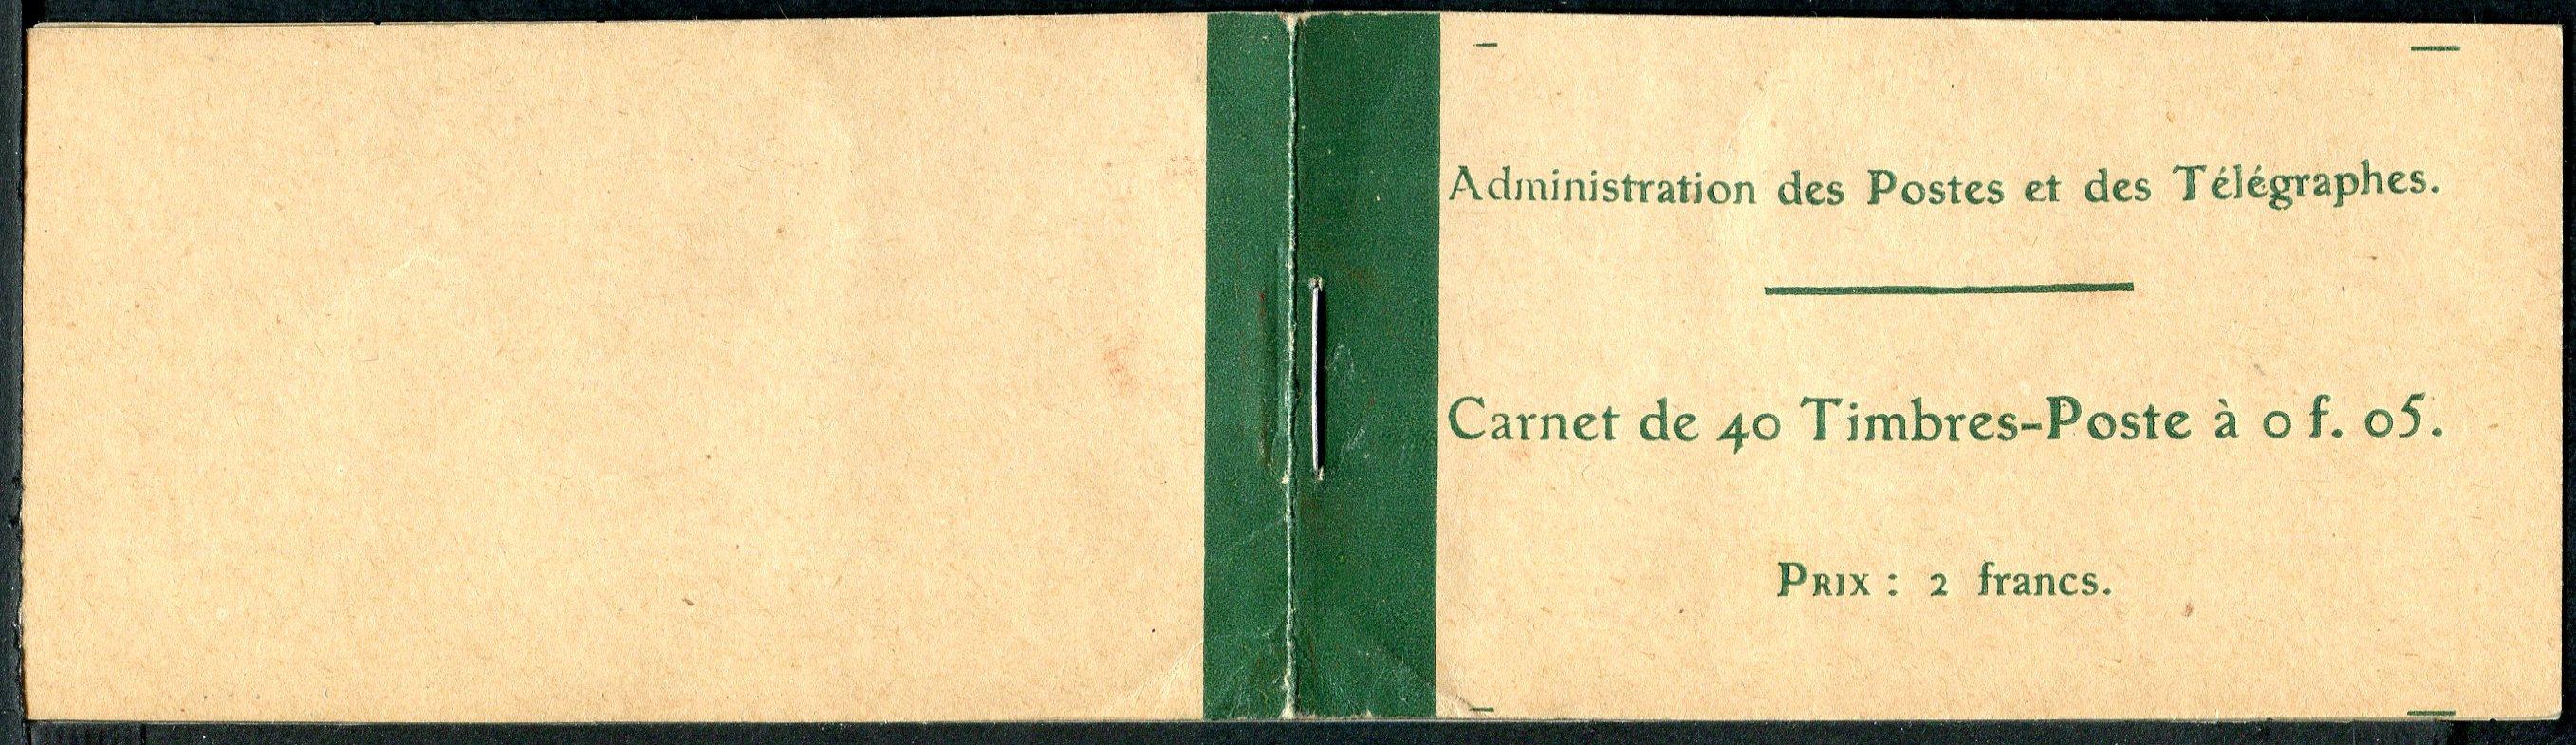 Couverture_postal_avant_les_publicités_-_137-C4_-_ACCP_12a